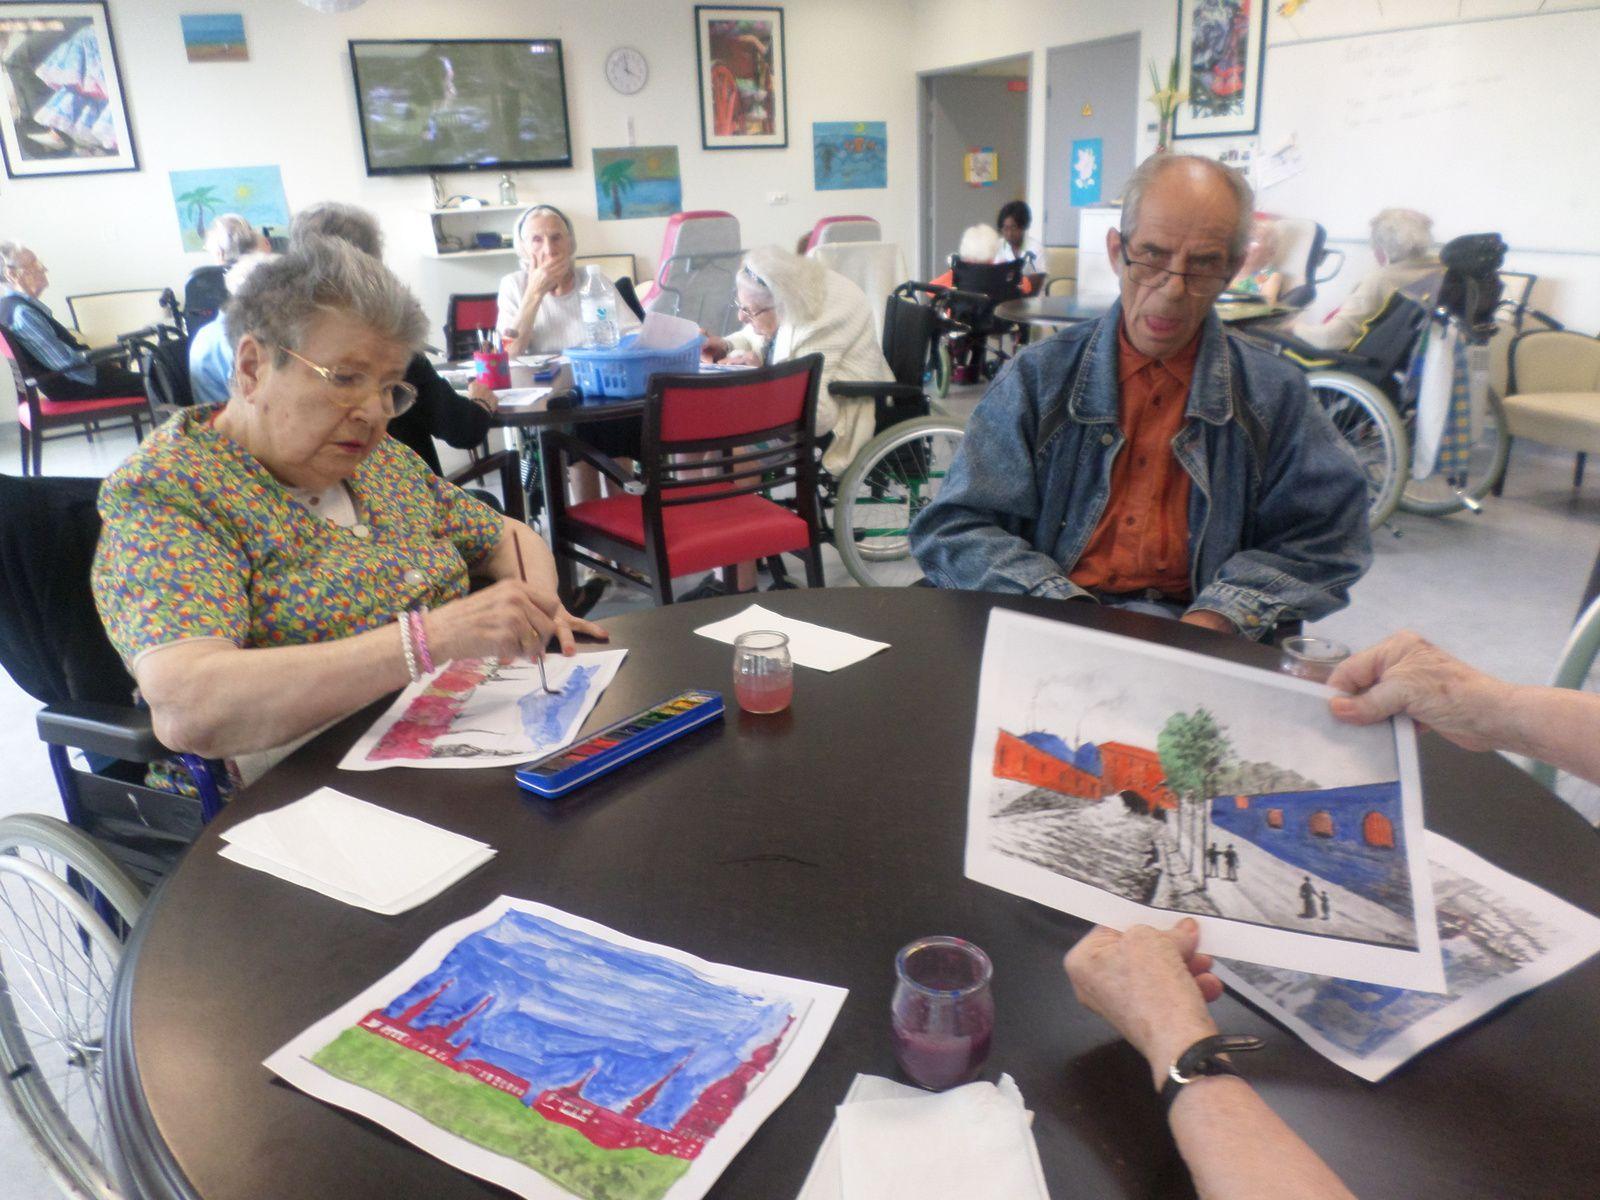 dessins à l'aquarelle de paysages de la région